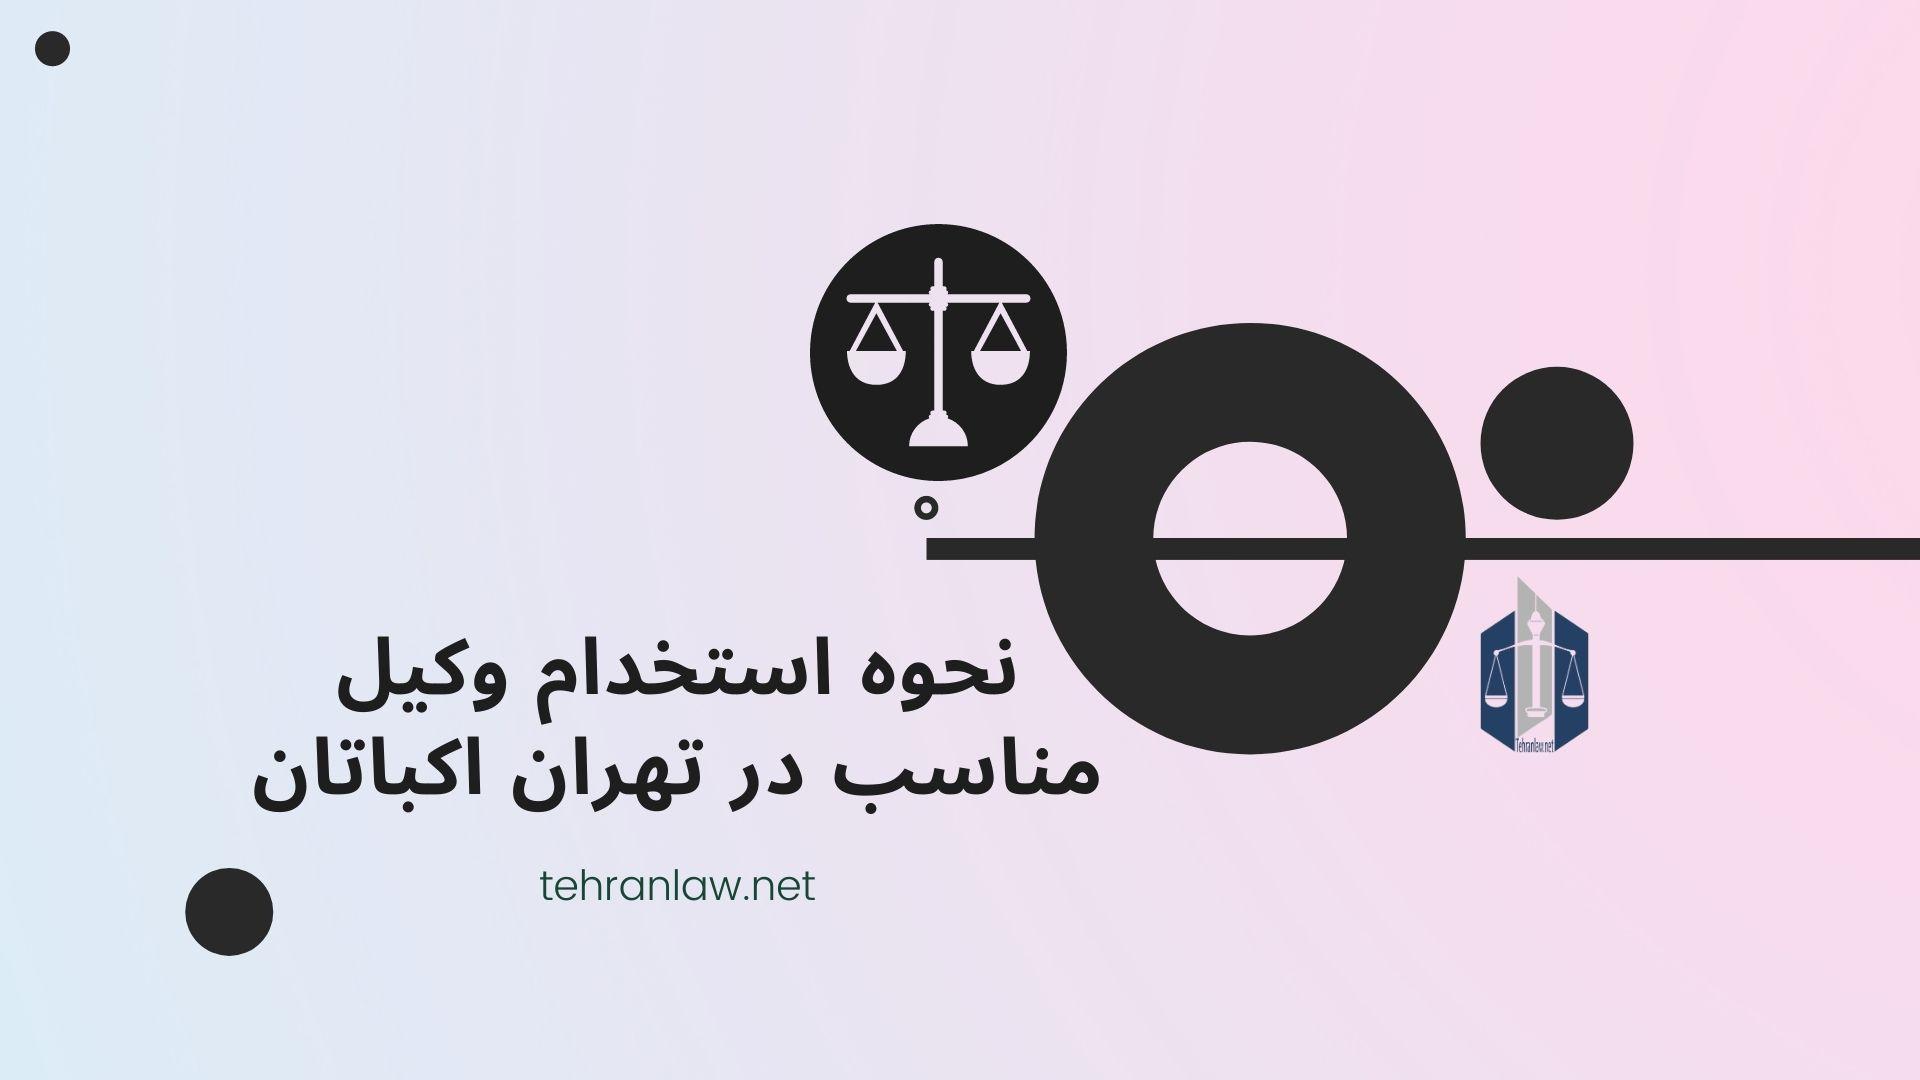 نحوه استخدام وکیل مناسب در تهران اکباتان